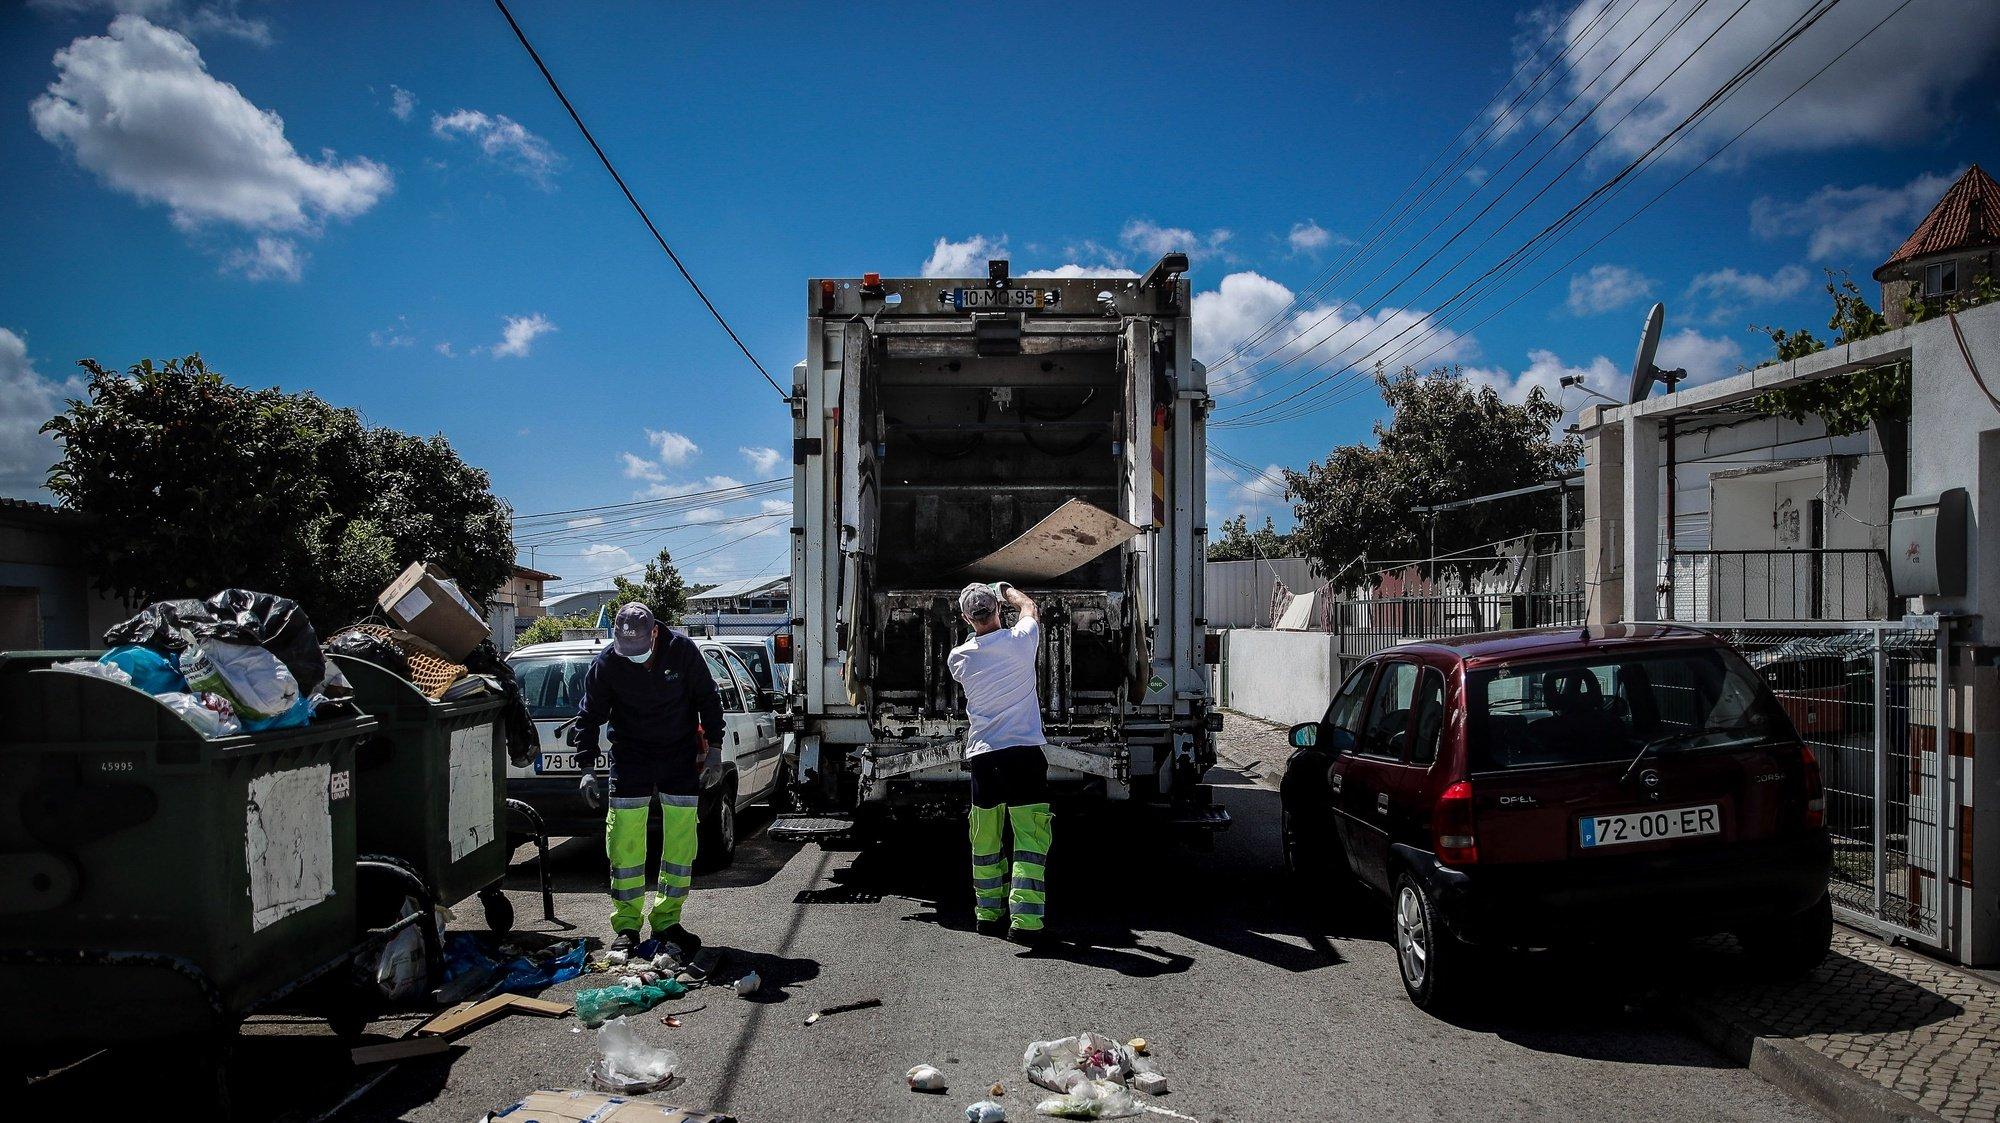 As equipas de Recolha de Resíduos Urbanos dos SIMAR foram reduzidas para metade mas a quantidade de lixo a recolher aumentou durante a situação epidemiológica da Covid-19, Loures, 30 de abril de 2020. (ACOMPANHA TEXTO DO DIA 02 MAIO 2020 .  MÁRIO CRUZ/LUSA